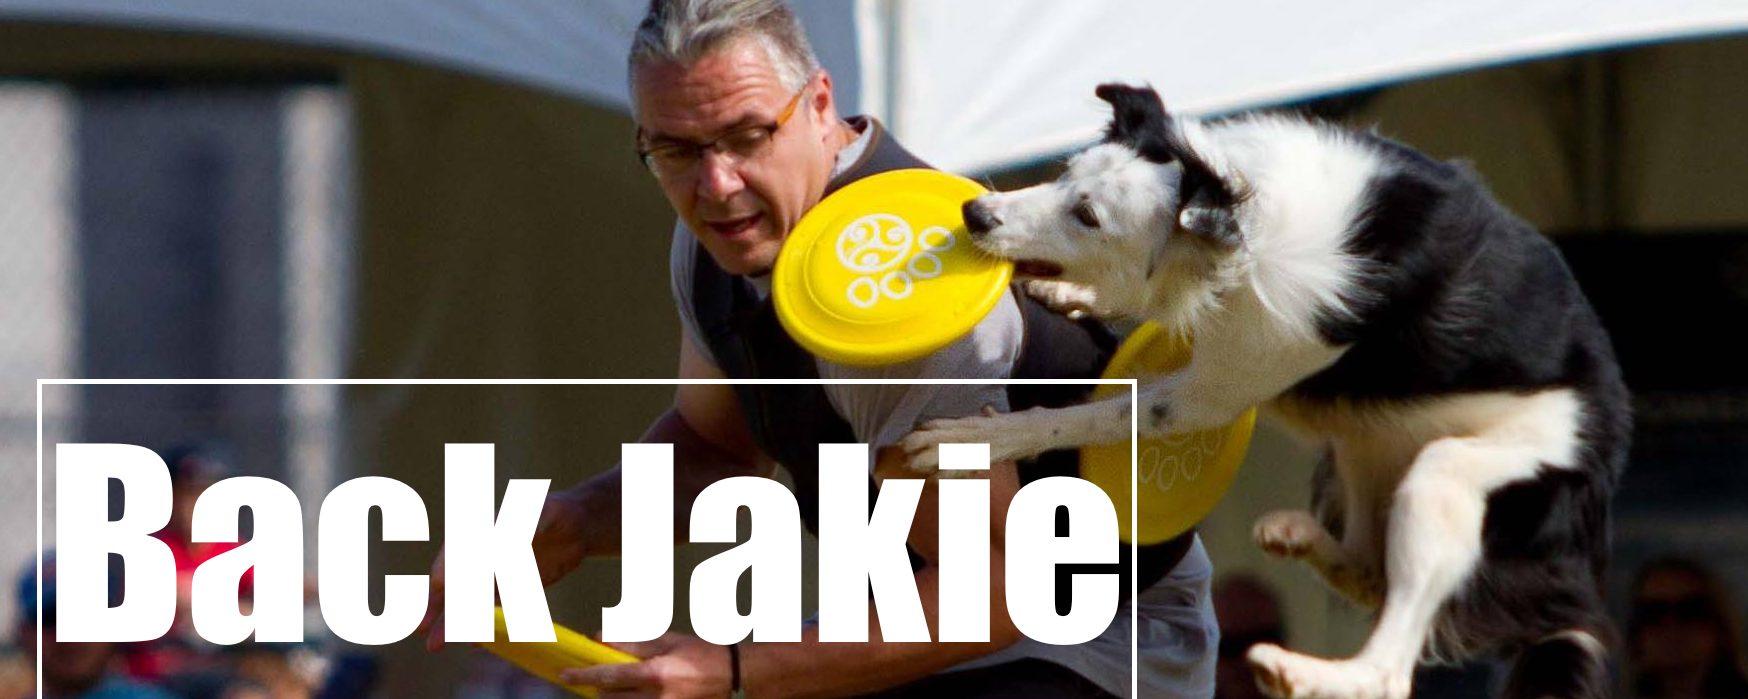 Back Jakie